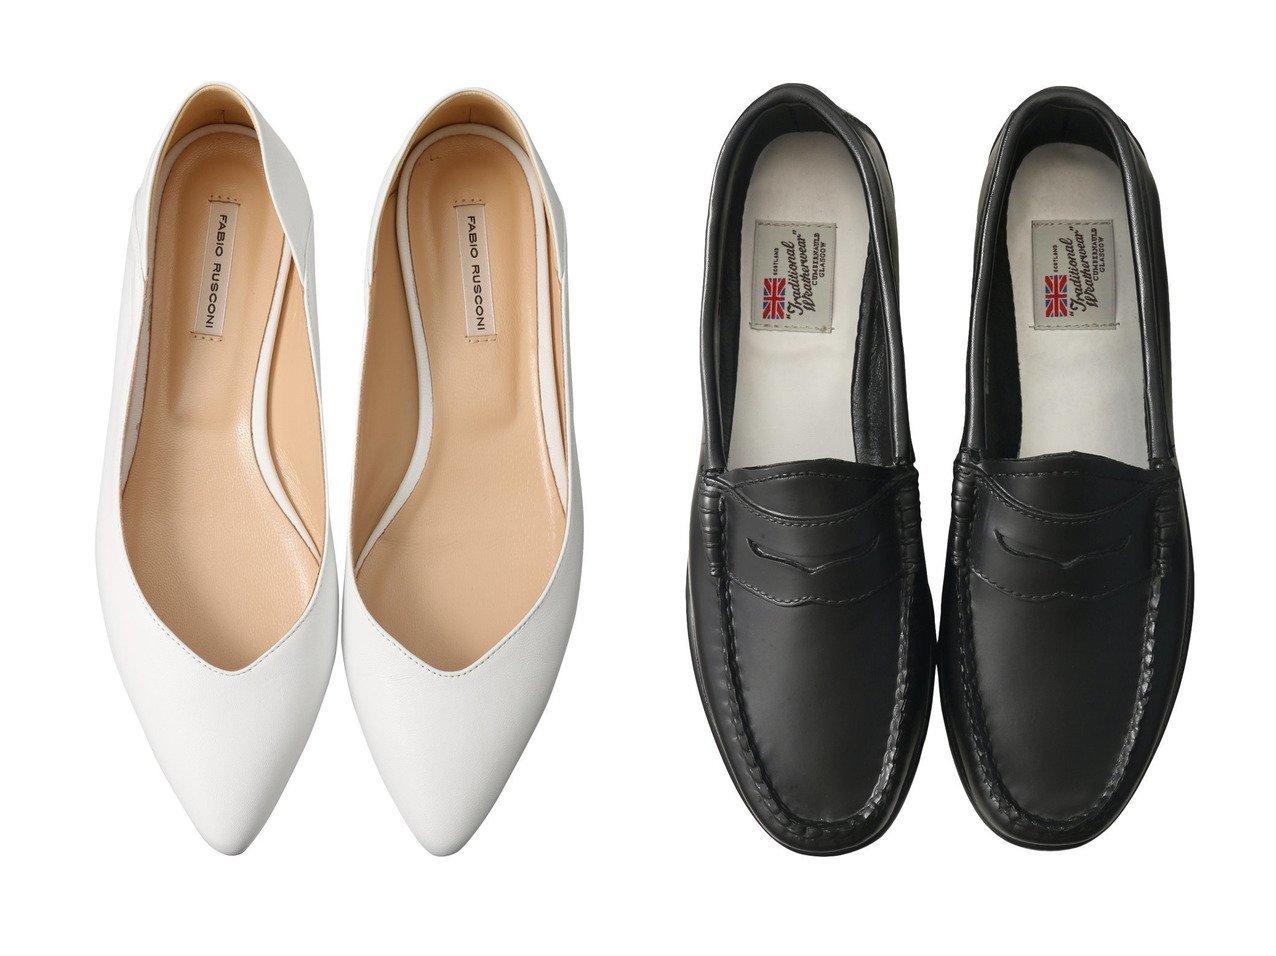 【heliopole/エリオポール】の【FABIO RUSCONI】フラットパンプス&【Traditional Weatherwear】ローファー シューズ・靴のおすすめ!人気、トレンド・レディースファッションの通販 おすすめで人気の流行・トレンド、ファッションの通販商品 メンズファッション・キッズファッション・インテリア・家具・レディースファッション・服の通販 founy(ファニー) https://founy.com/ ファッション Fashion レディースファッション WOMEN 2021年 2021 2021 春夏 S/S SS Spring/Summer 2021 S/S 春夏 SS Spring/Summer シューズ シンプル ベーシック ラバー レイン 春 Spring シルバー トレンド ニューヨーク パイソン フラット ミラノ メタリック  ID:crp329100000024756